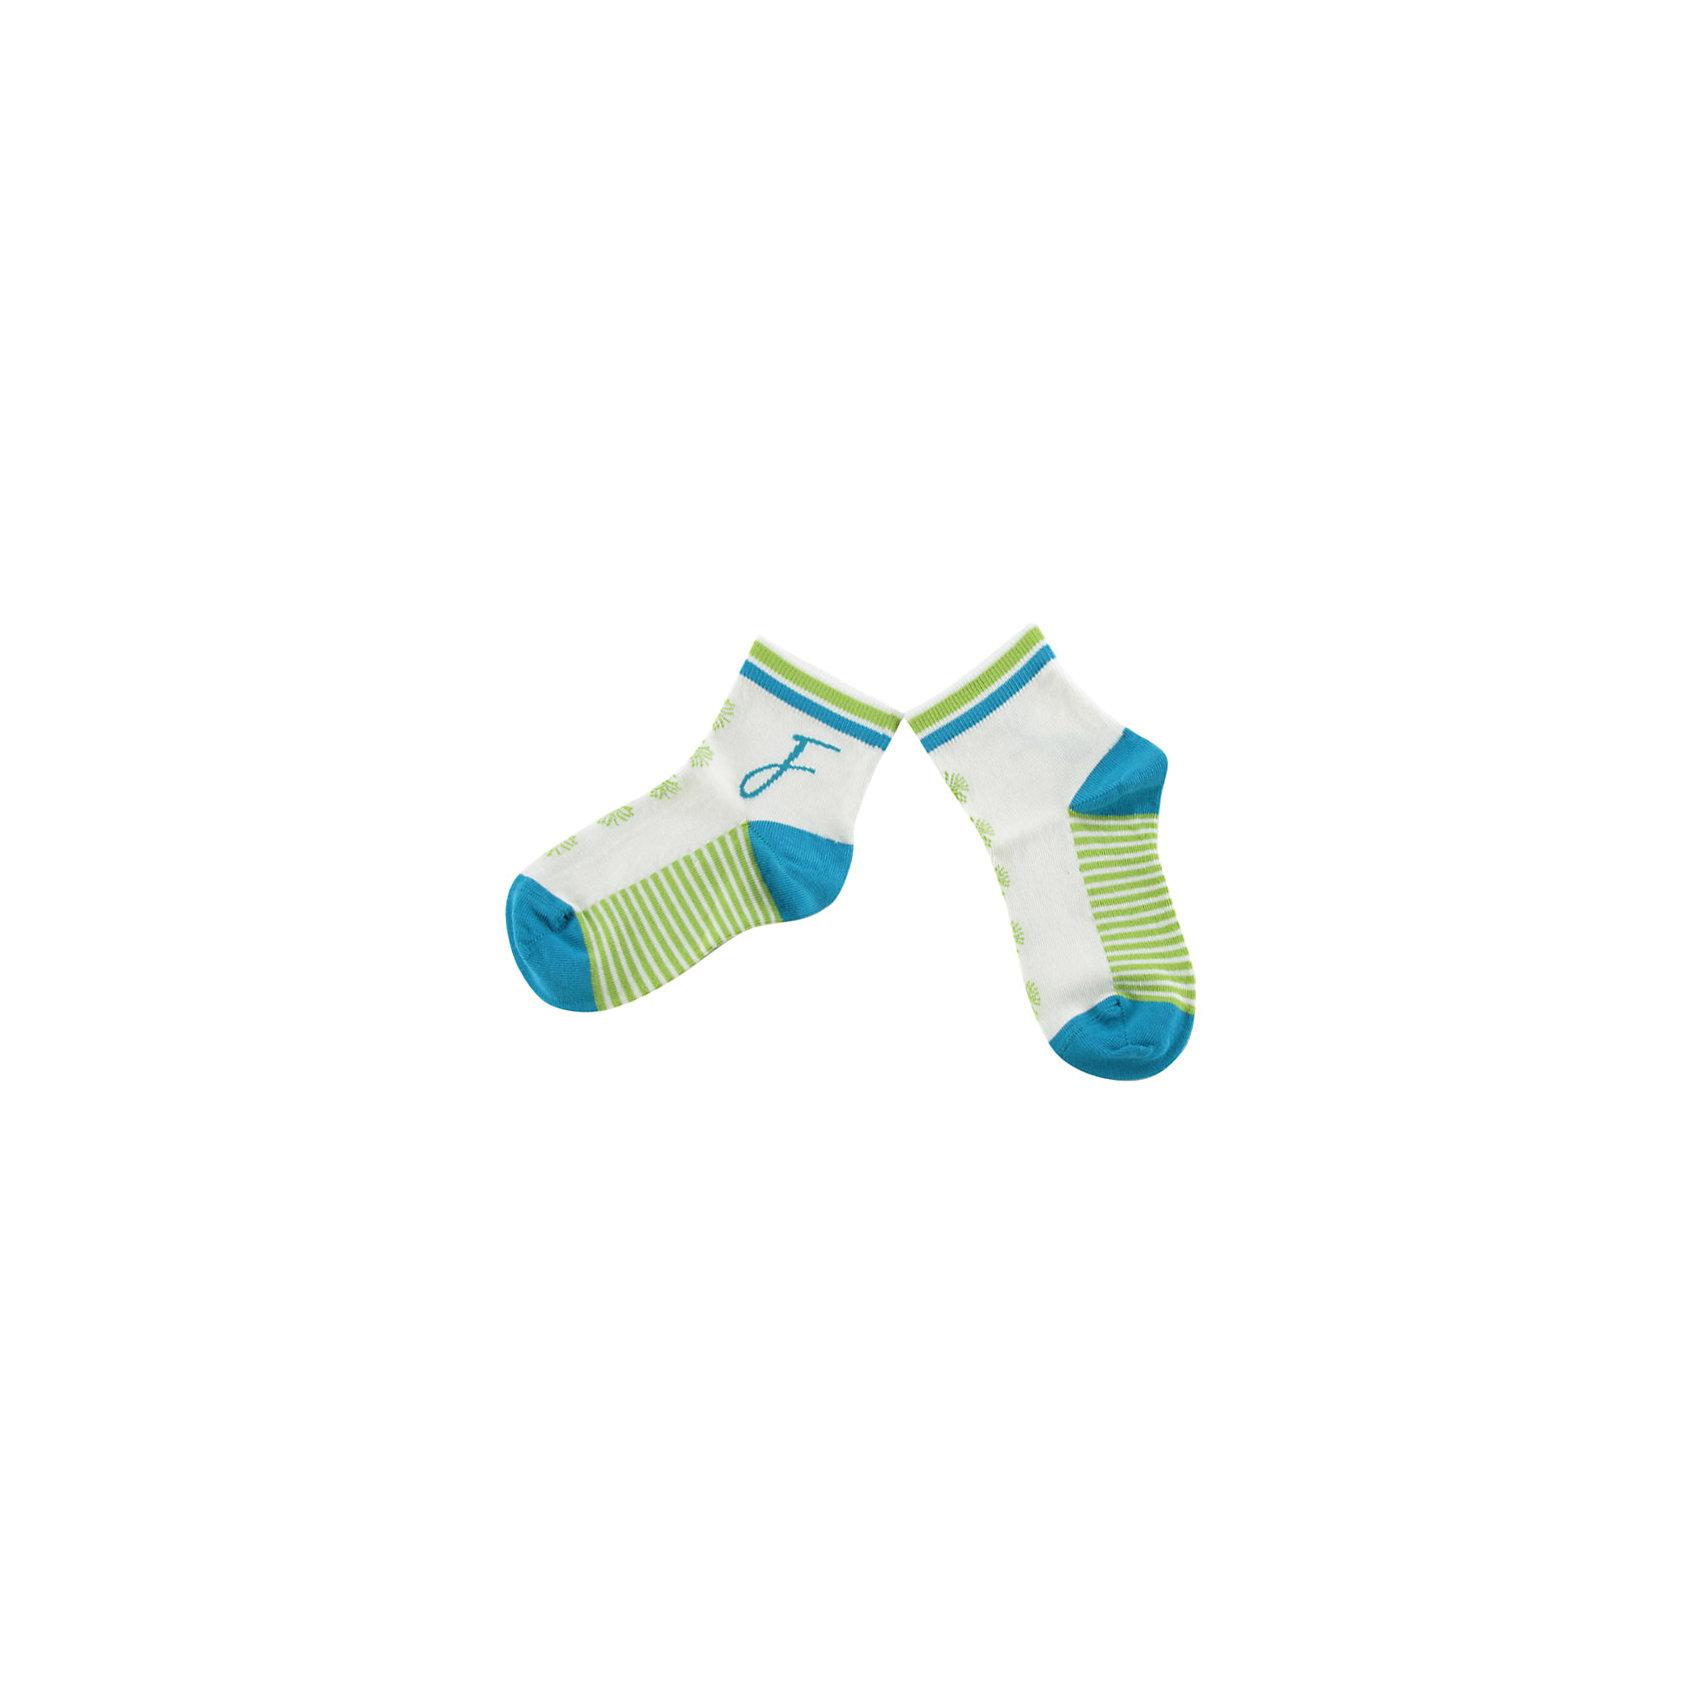 Носки для девочки WojcikНоски<br>Характеристики товара:<br><br>• цвет: белый<br>• состав ткани: 93% хлопок, 5% полиамид, 2% эластан <br>• сезон: круглый год<br>• страна бренда: Польша<br>• страна изготовитель: Польша<br><br>Трикотажные носки для девочки Wojcik не давят на ногу благодаря мягкой резинке. Детские носки декорированы яркими элементами. Такие носки для детей - мягкие и комфортные. Одежда для детей из Польши от бренда Wojcik отличается хорошим качеством и стилем. <br><br>Носки для девочки Wojcik (Войчик) можно купить в нашем интернет-магазине.<br><br>Ширина мм: 87<br>Глубина мм: 10<br>Высота мм: 105<br>Вес г: 115<br>Цвет: разноцветный<br>Возраст от месяцев: 12<br>Возраст до месяцев: 18<br>Пол: Женский<br>Возраст: Детский<br>Размер: 21/22,17/18,19/20<br>SKU: 5588597